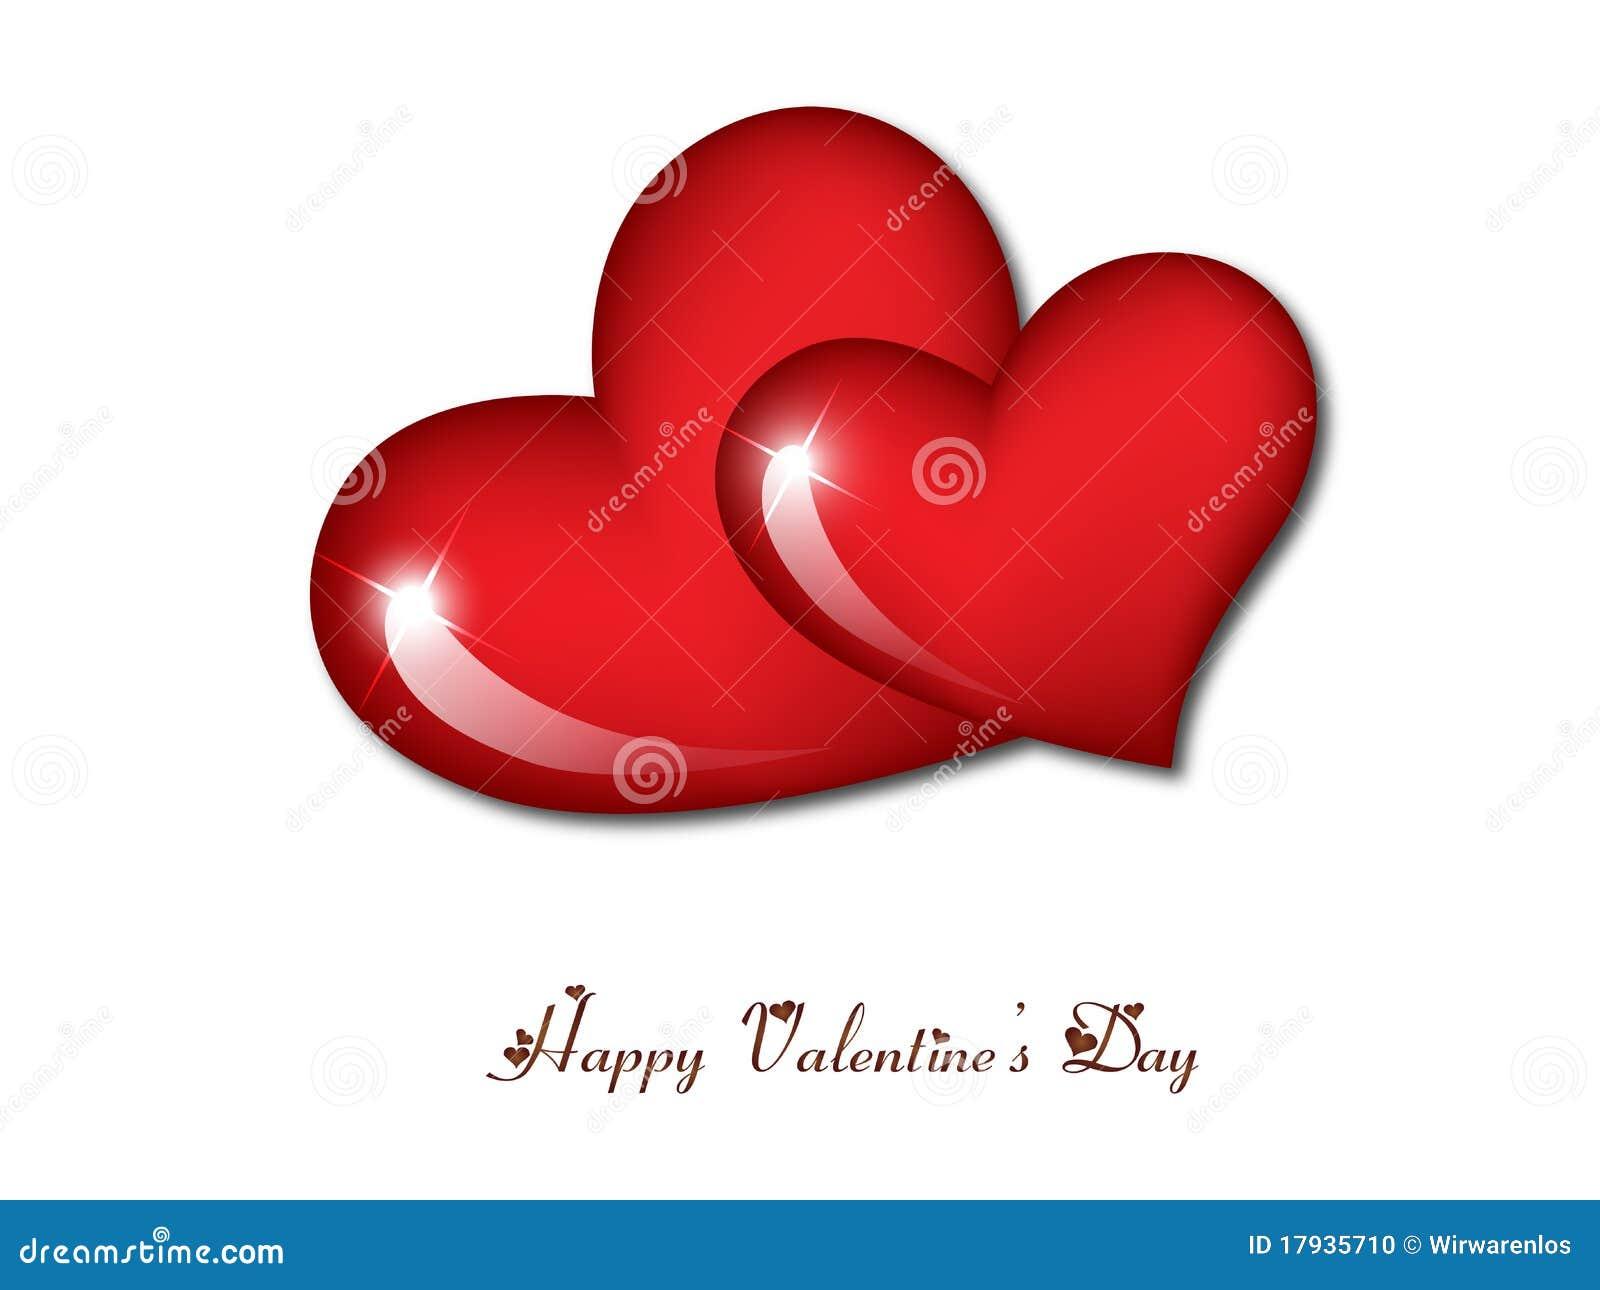 happy valentine u0027s day hearts stock photo image 17935710